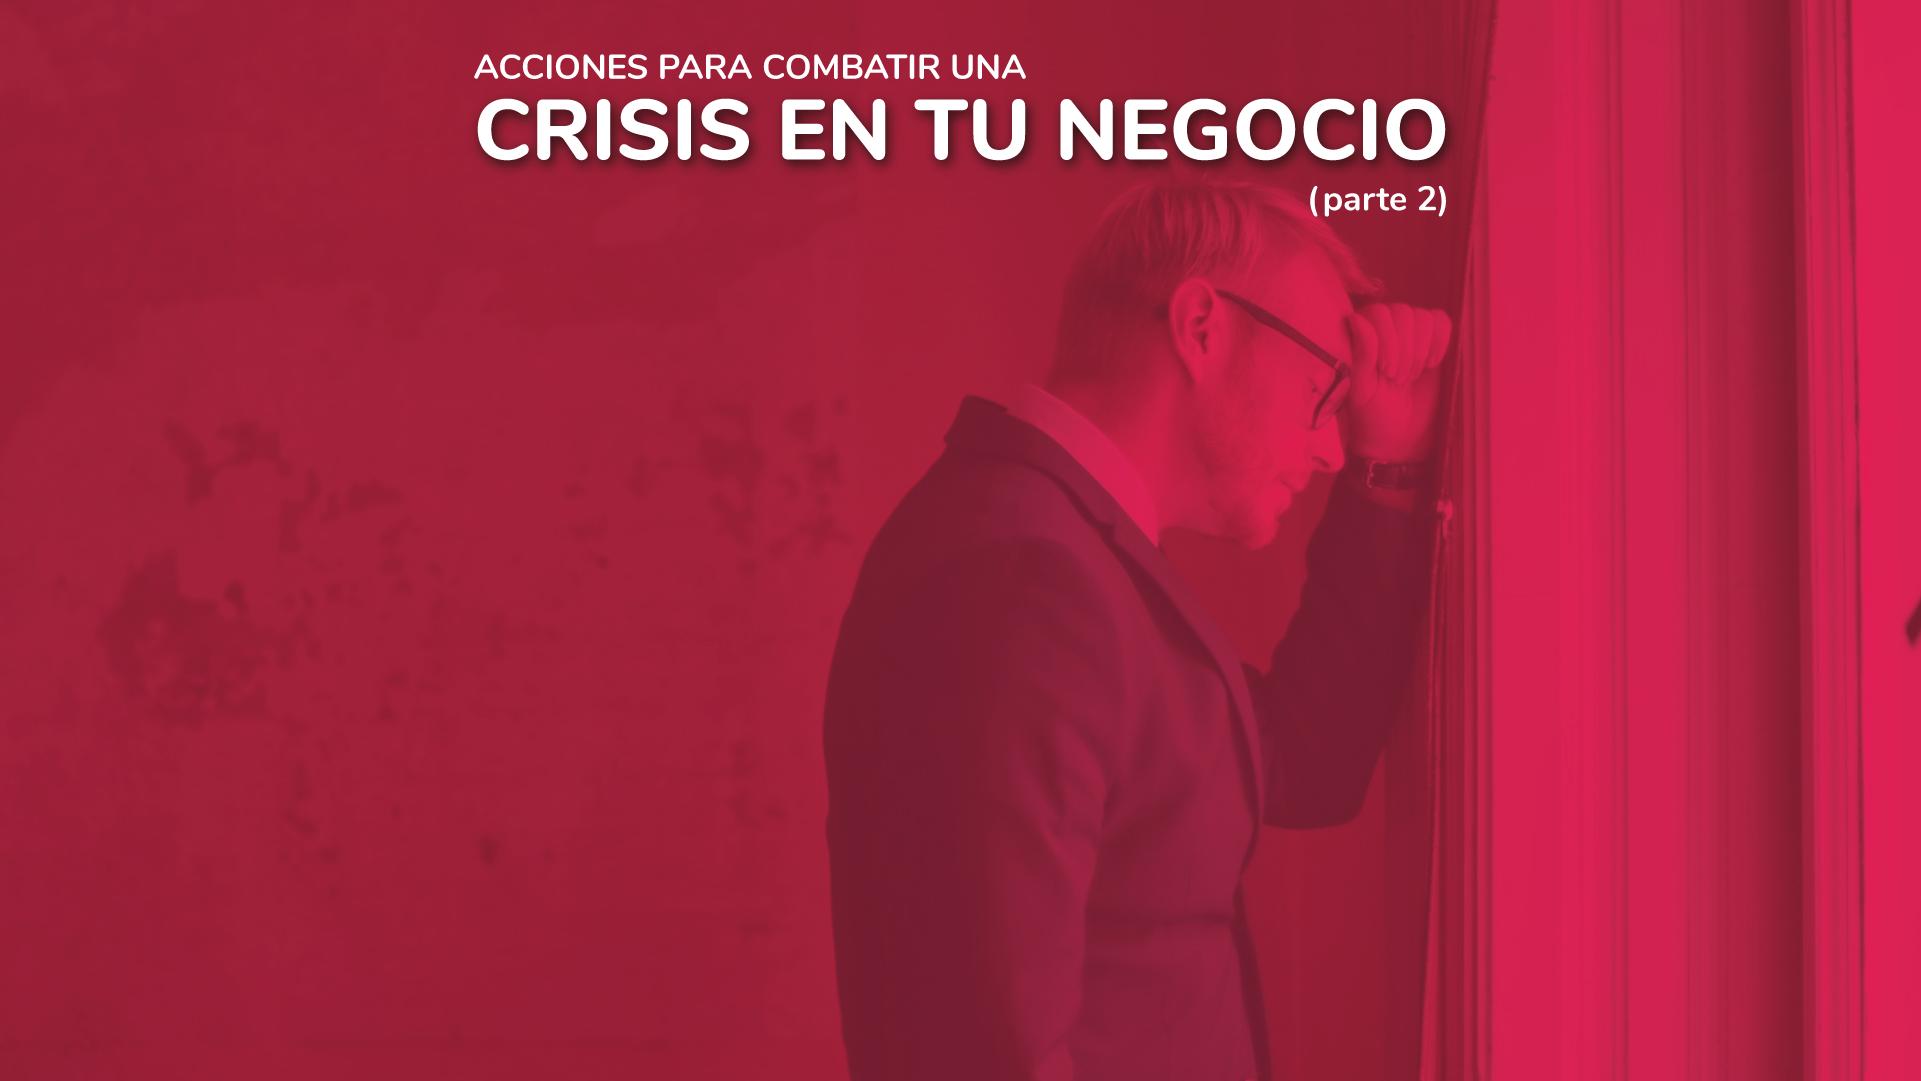 ACCIONES PARA SALIR DE CRISIS EN TU NEGOCIO2